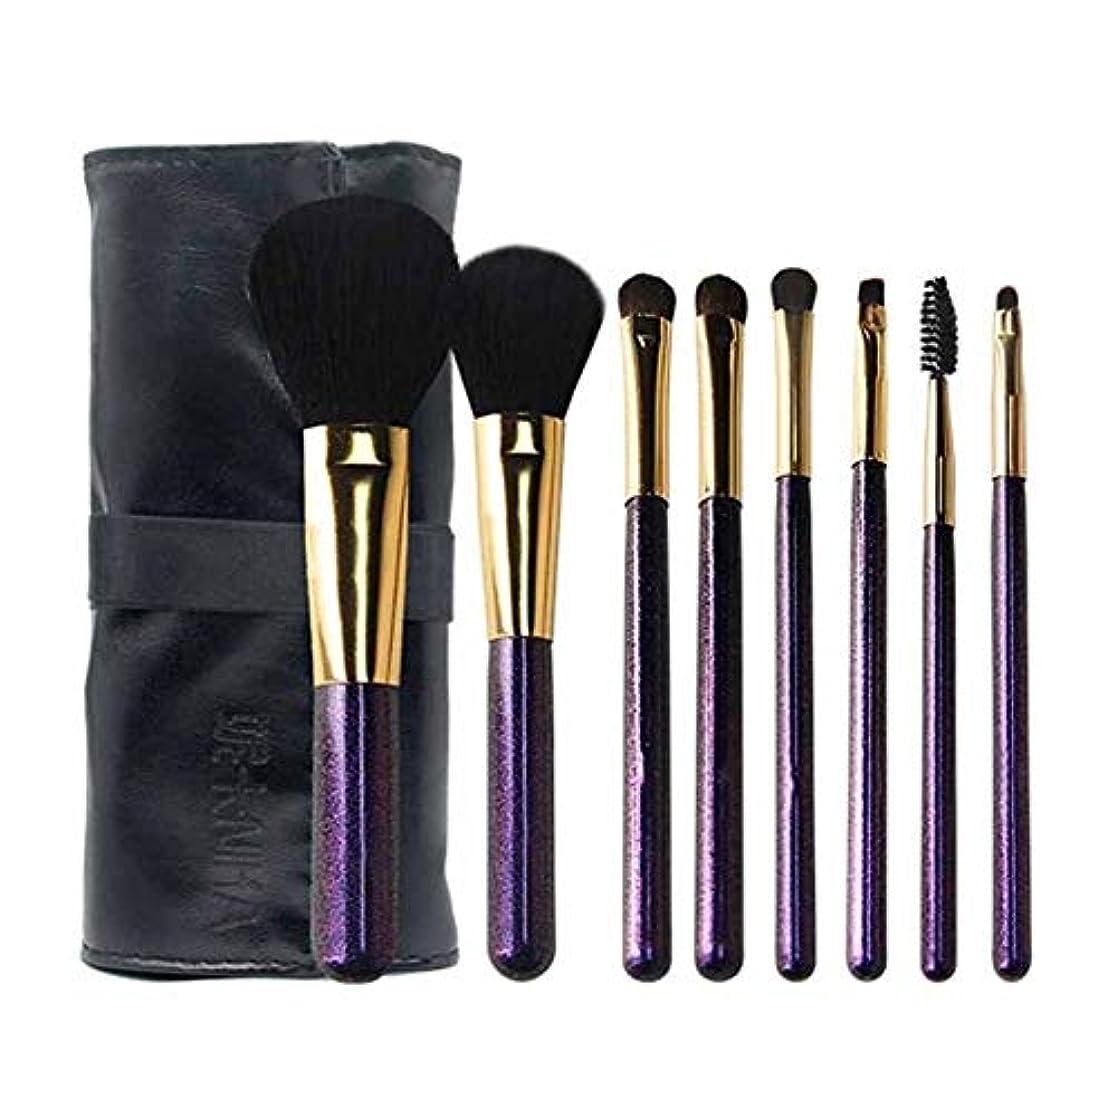 スナックまもなく壮大なTUOFL メイクブラシ、8スティックメイクブラシセット、プロフェッショナルメイクアップツール、高品質ファイバー髪、ソフトで滑らかな髪、快適な肌、パープル (Color : Purple)